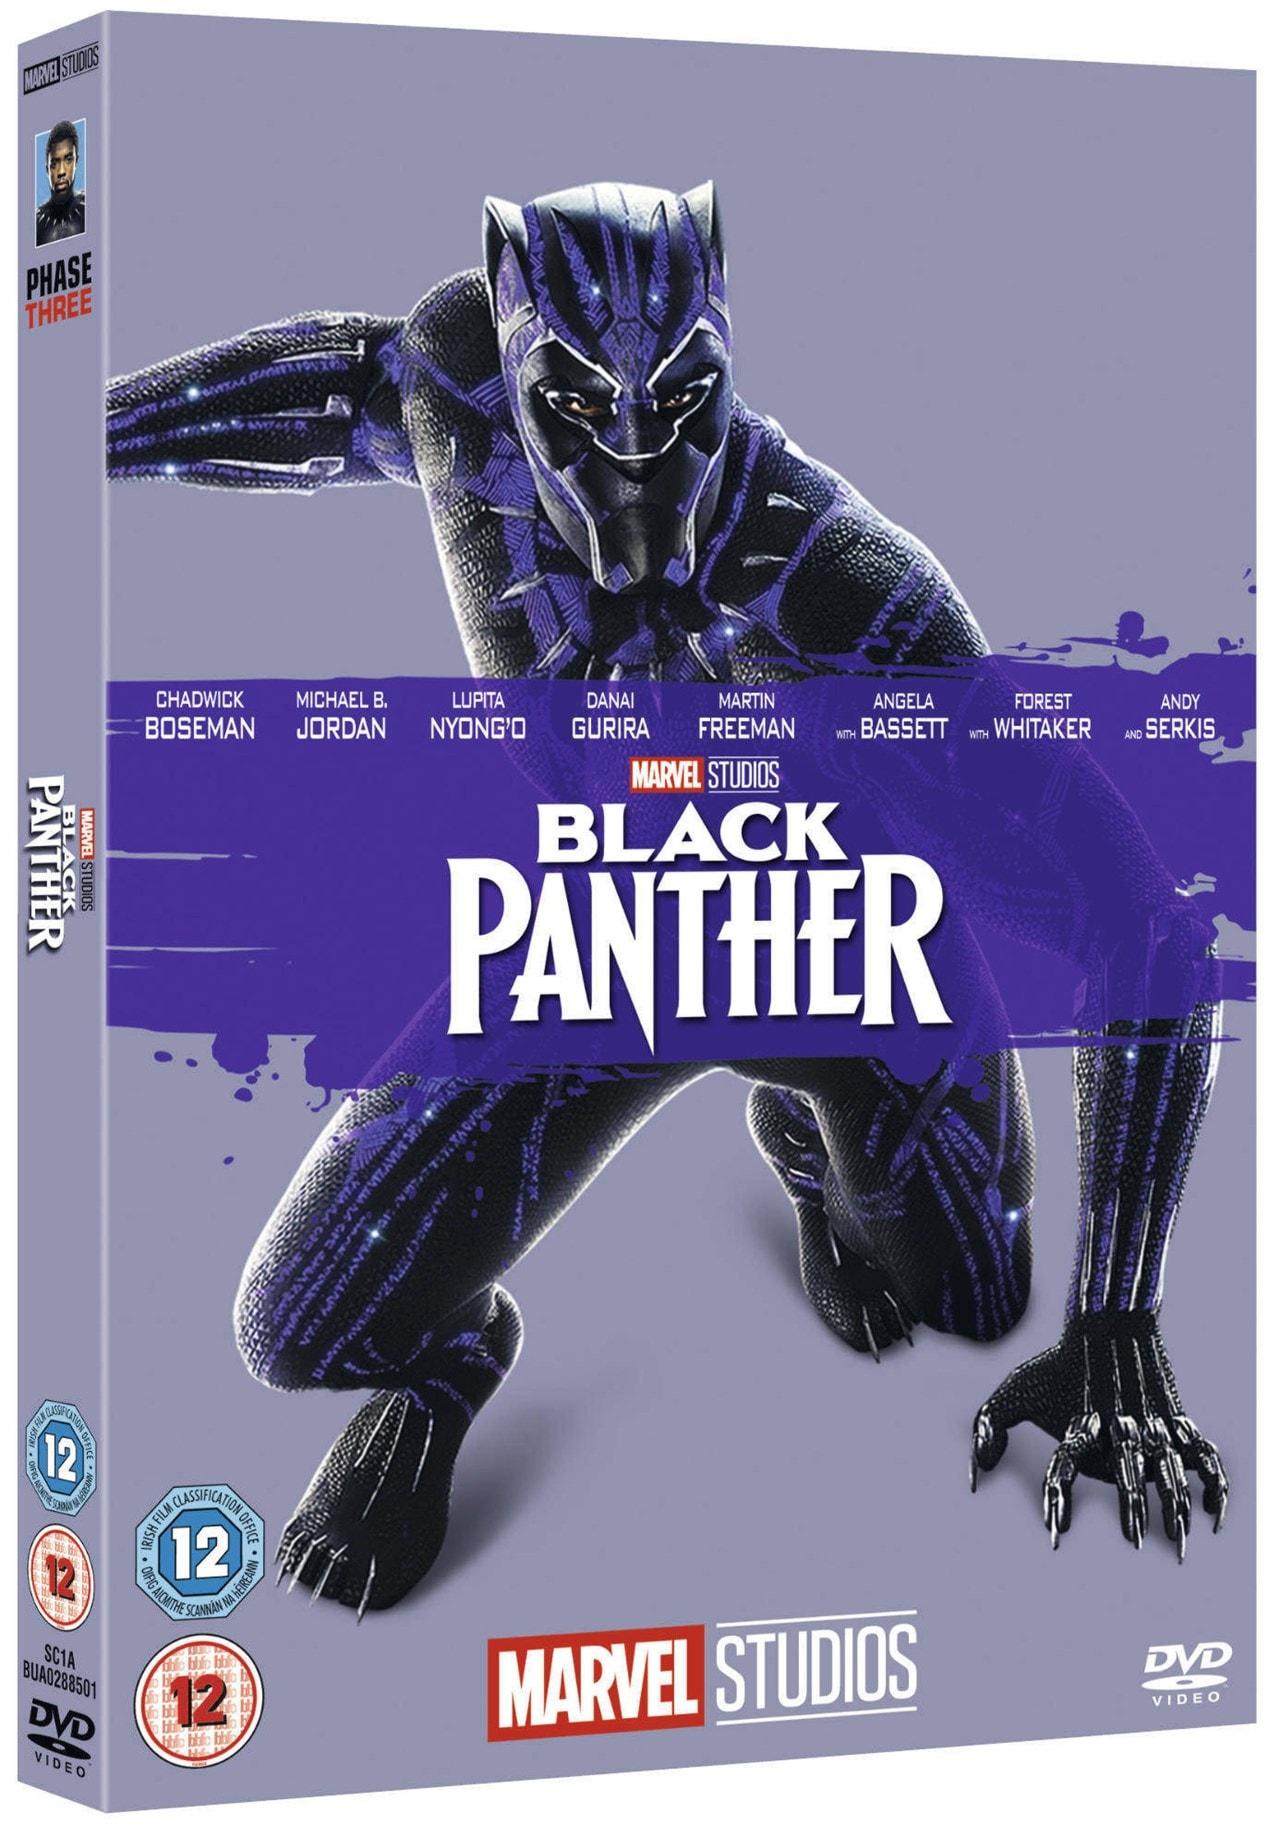 Black Panther - 2